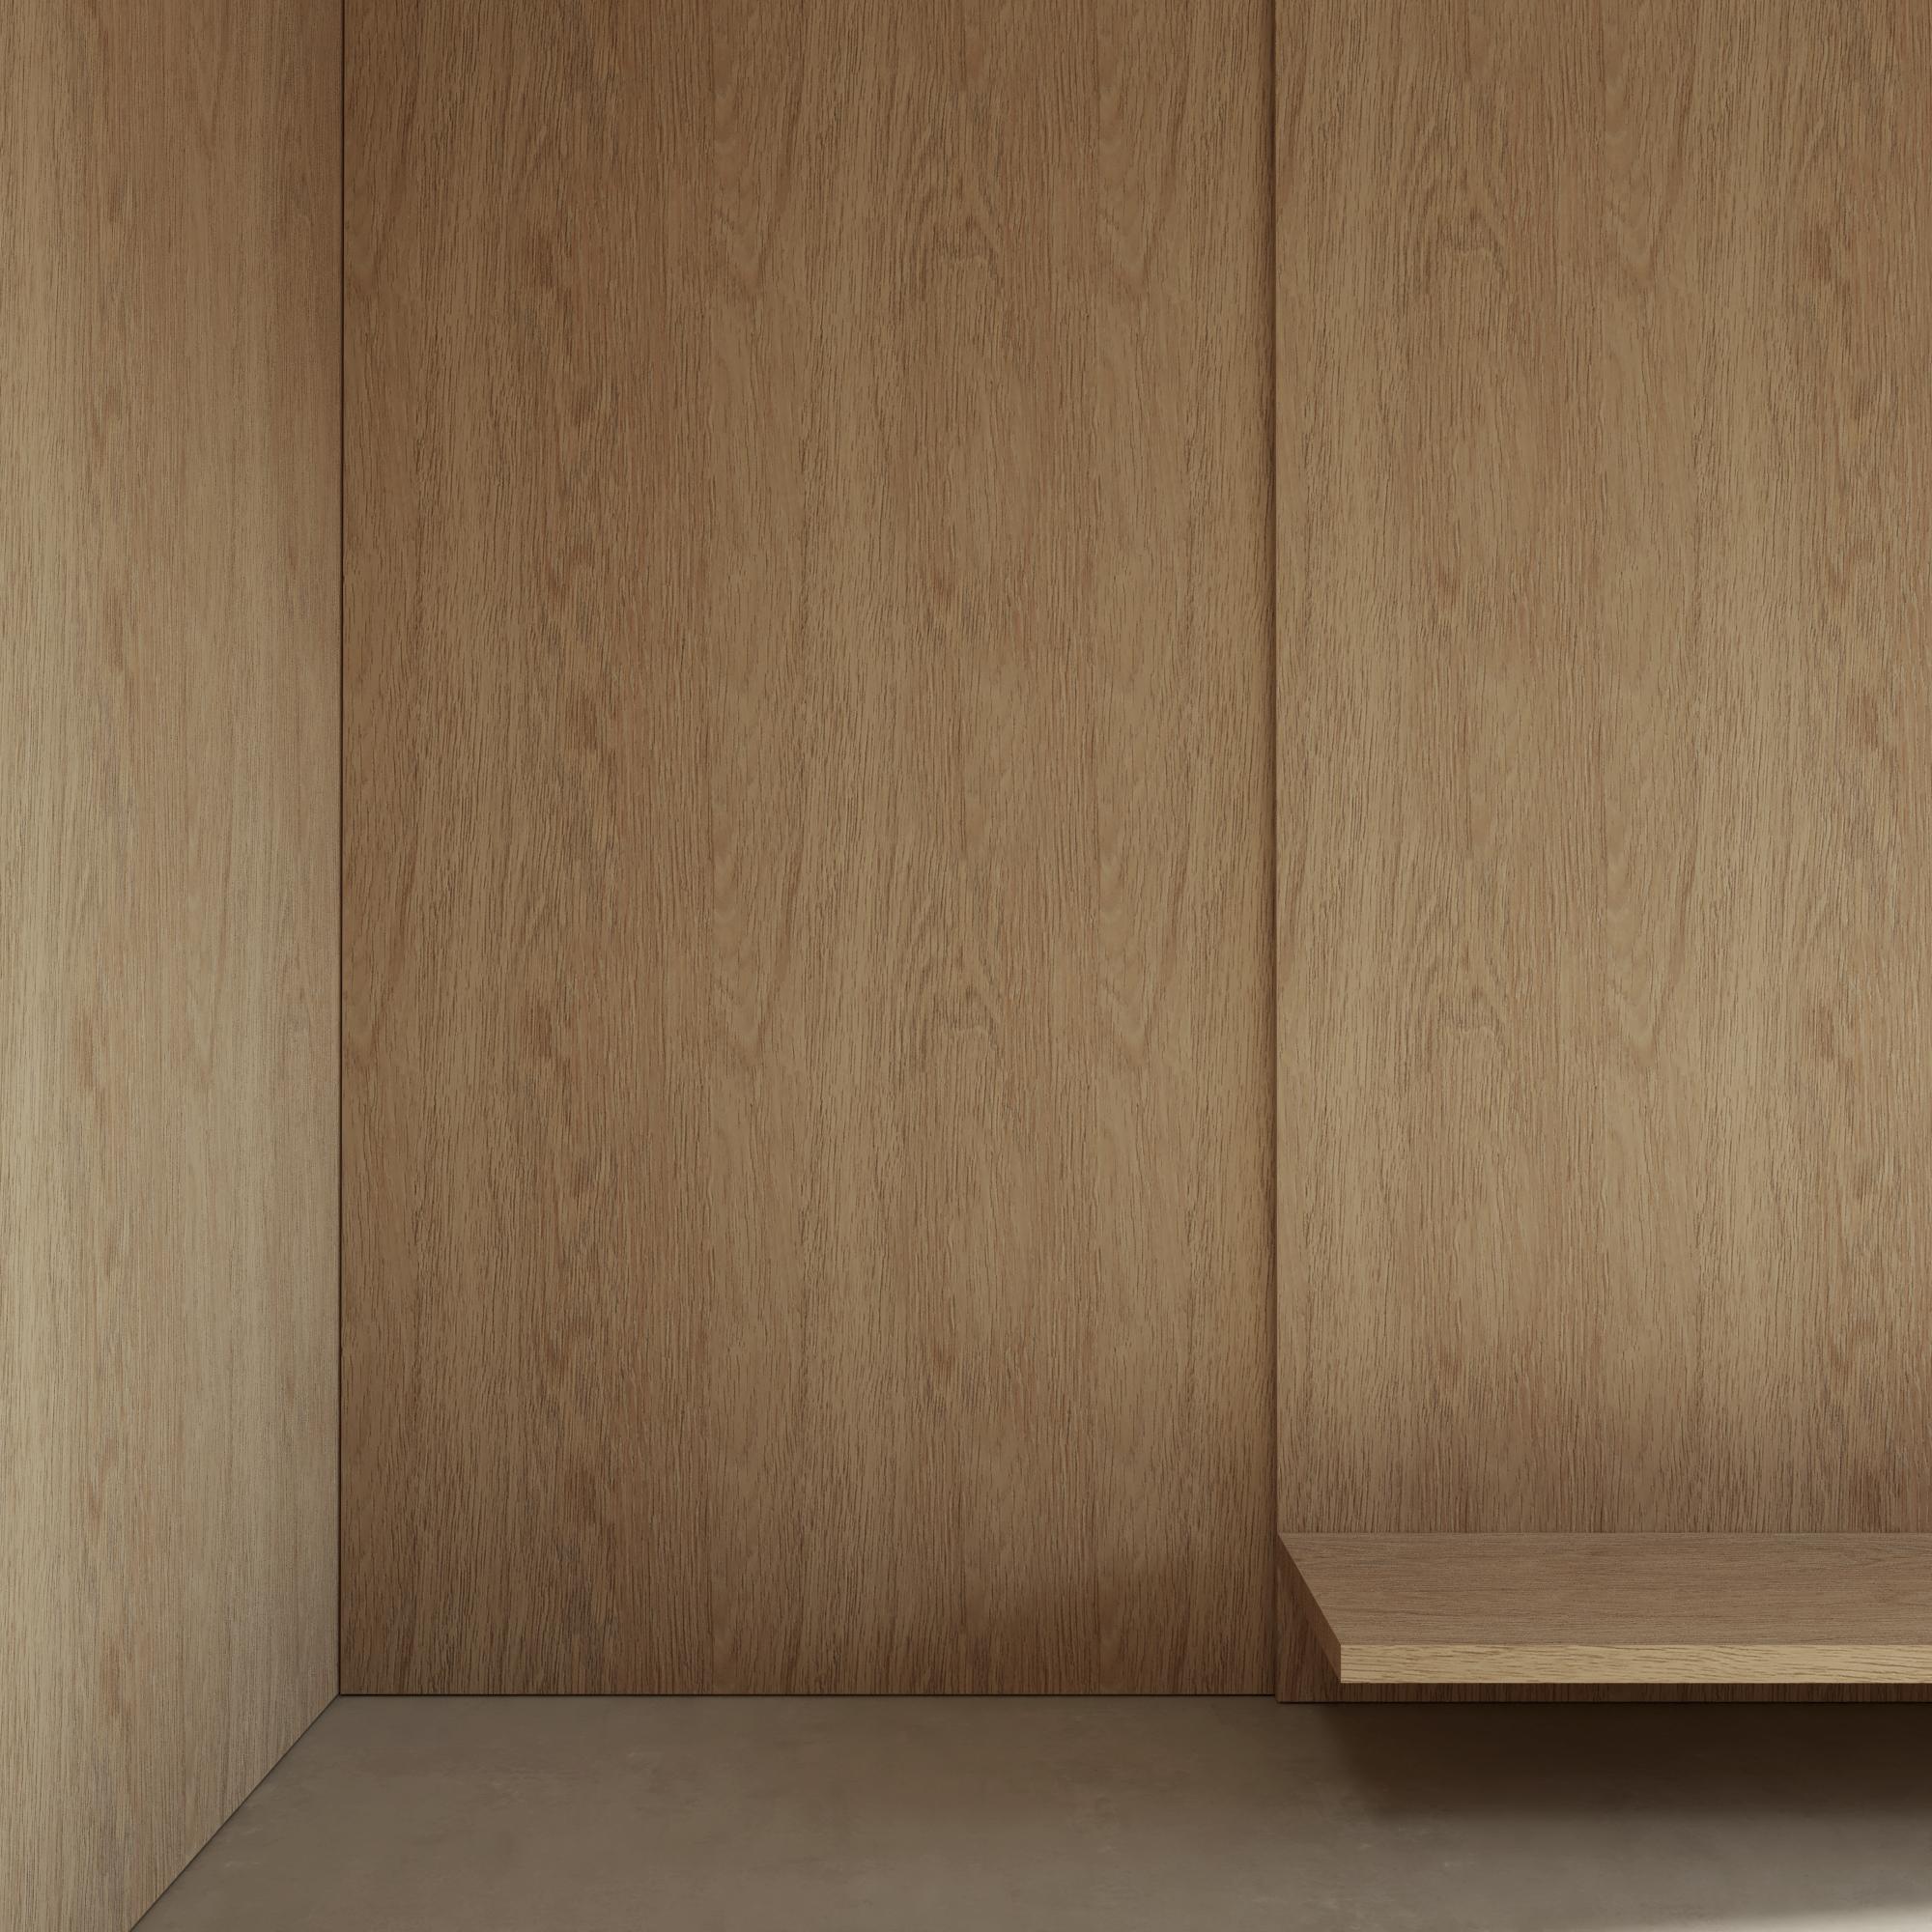 Małe przestrzenie: minimalistyczny apartament w Gdyni